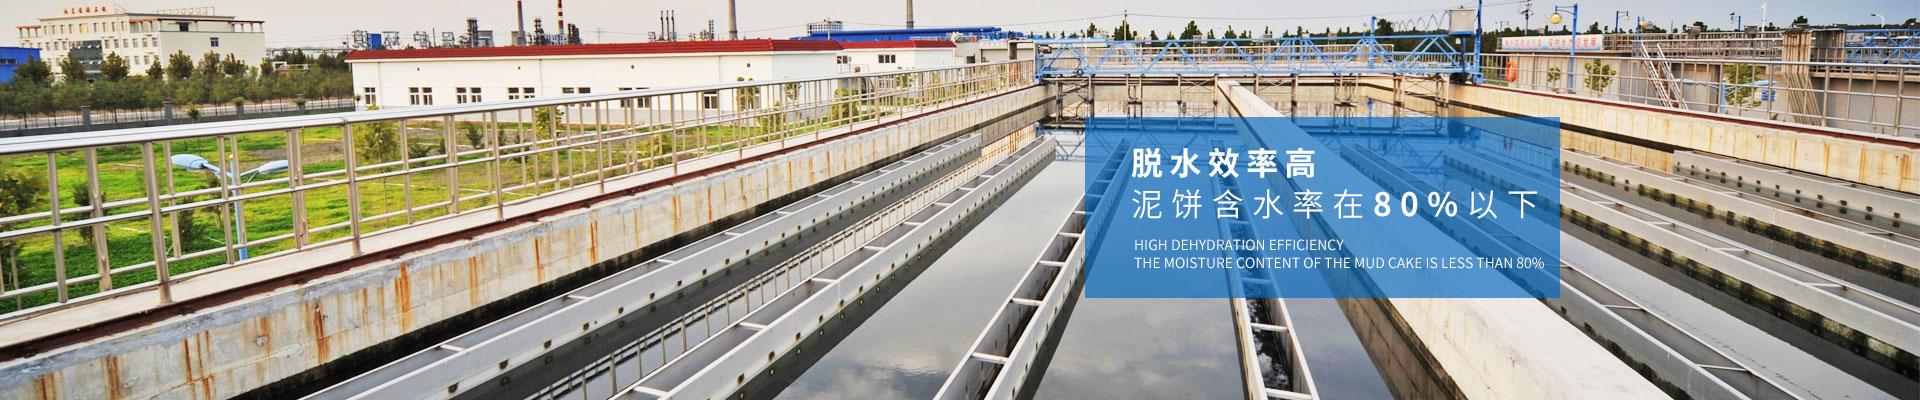 慧星化工- 脱水效率高,泥饼含水率在80%以下